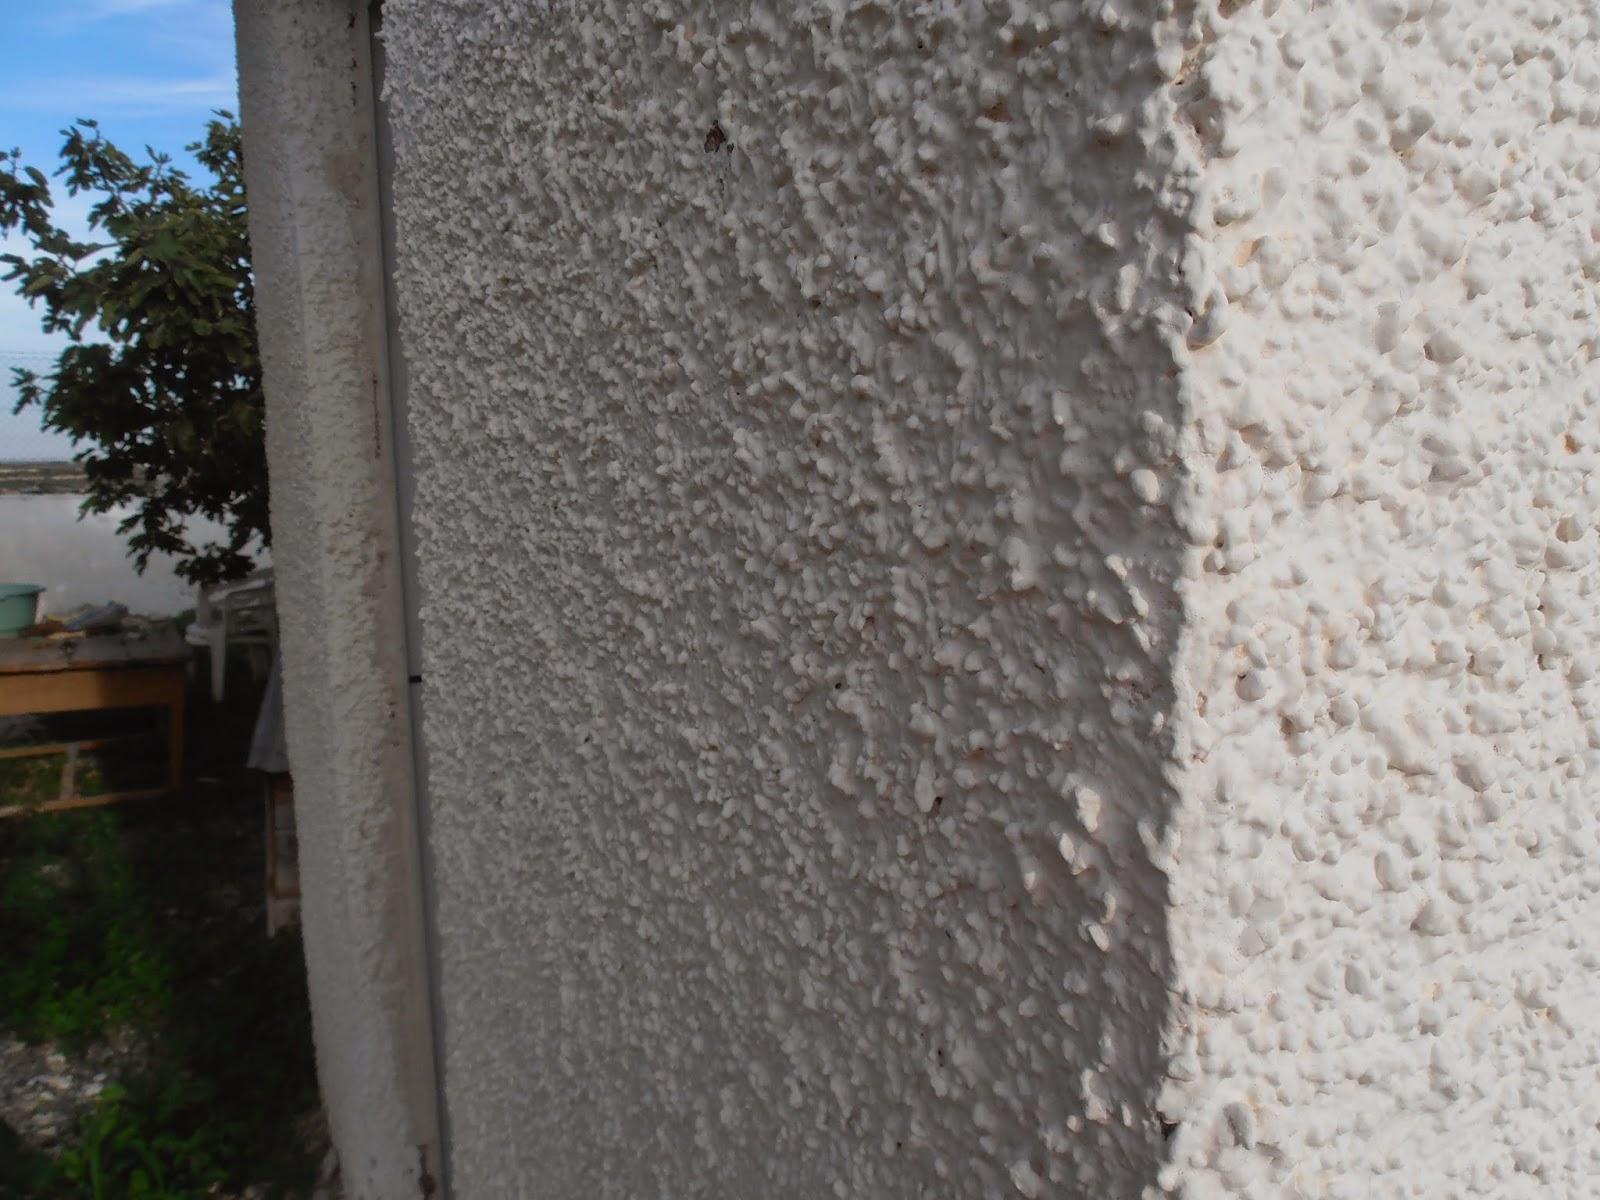 Construide revestimiento a la tirolesa gota o gotel y - Como empapelar una pared con gotele ...